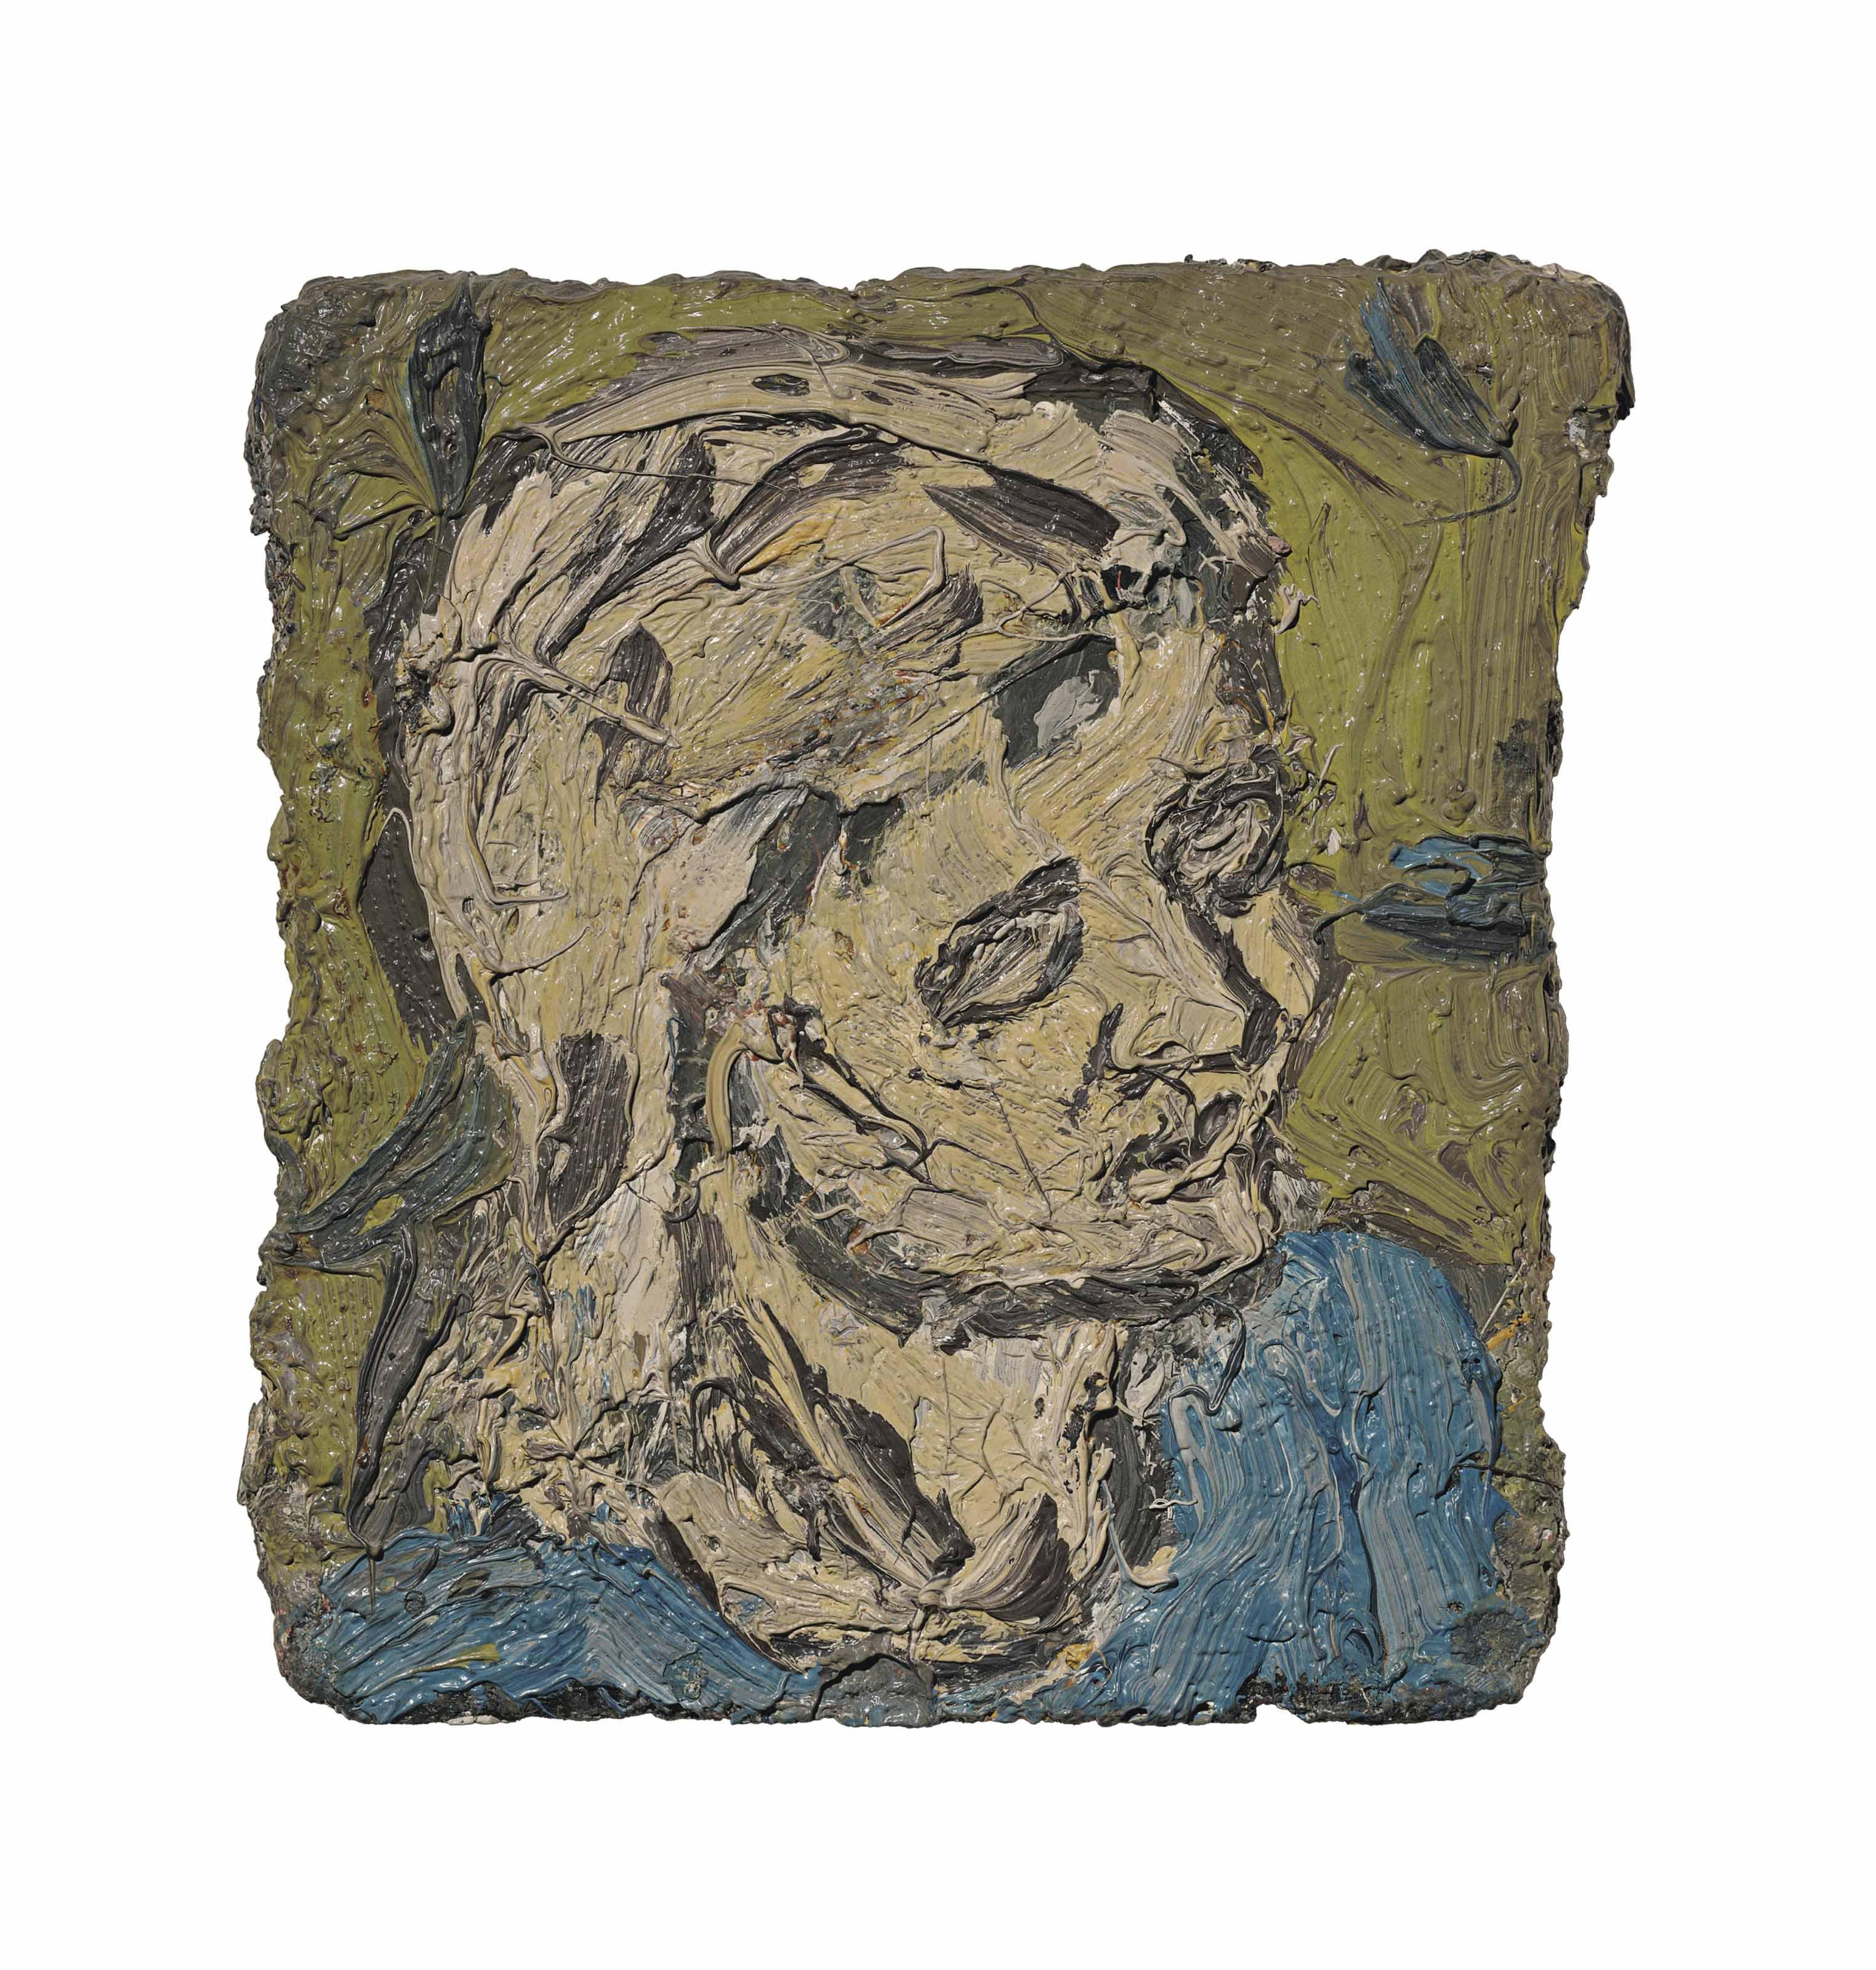 Small Head of Rosalind II